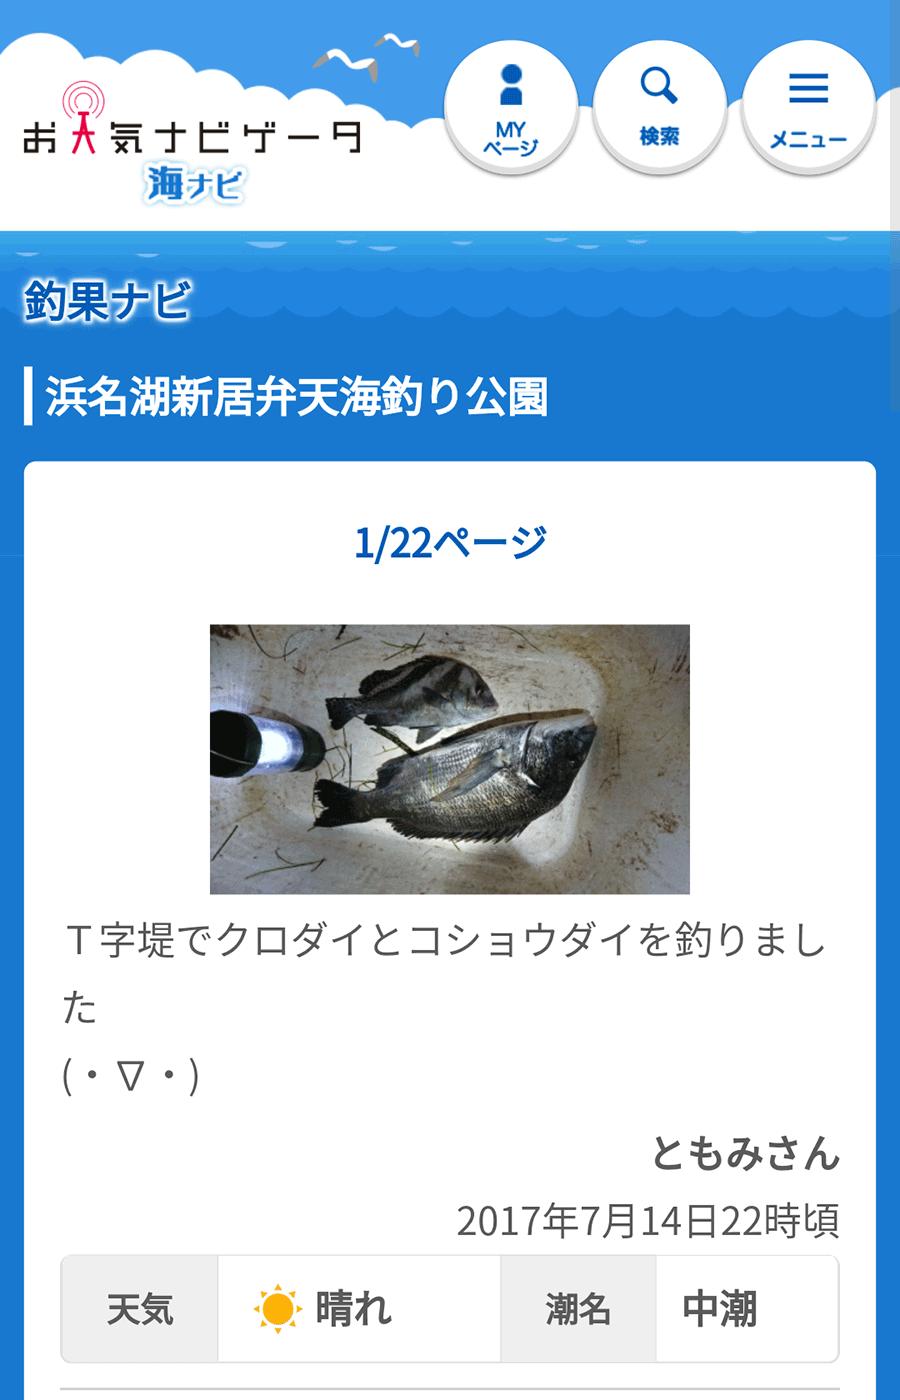 釣果ナビサンプル